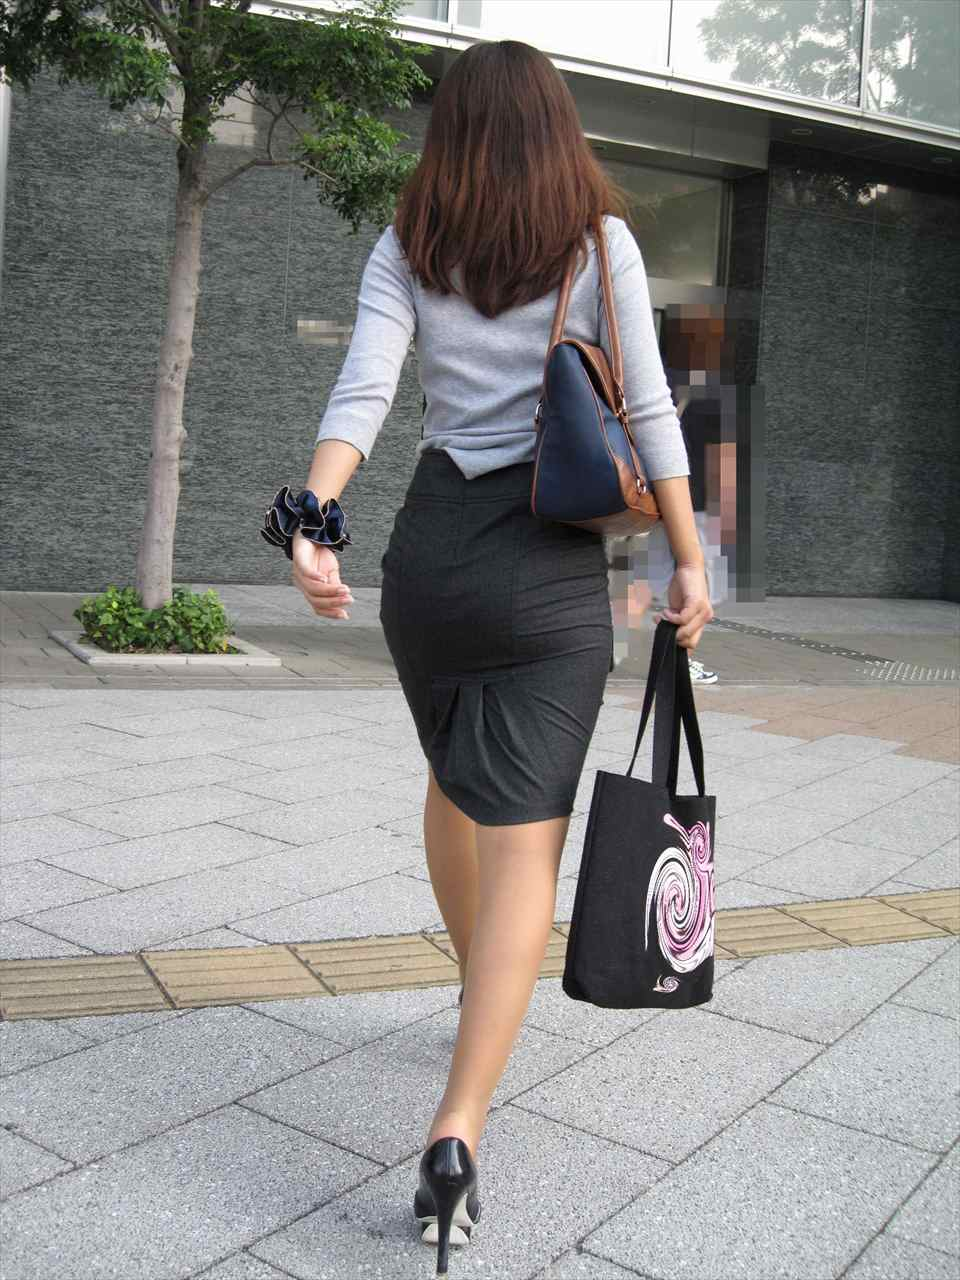 美人OLのエリートビッチなタイトスカート盗撮エロ画像10枚目